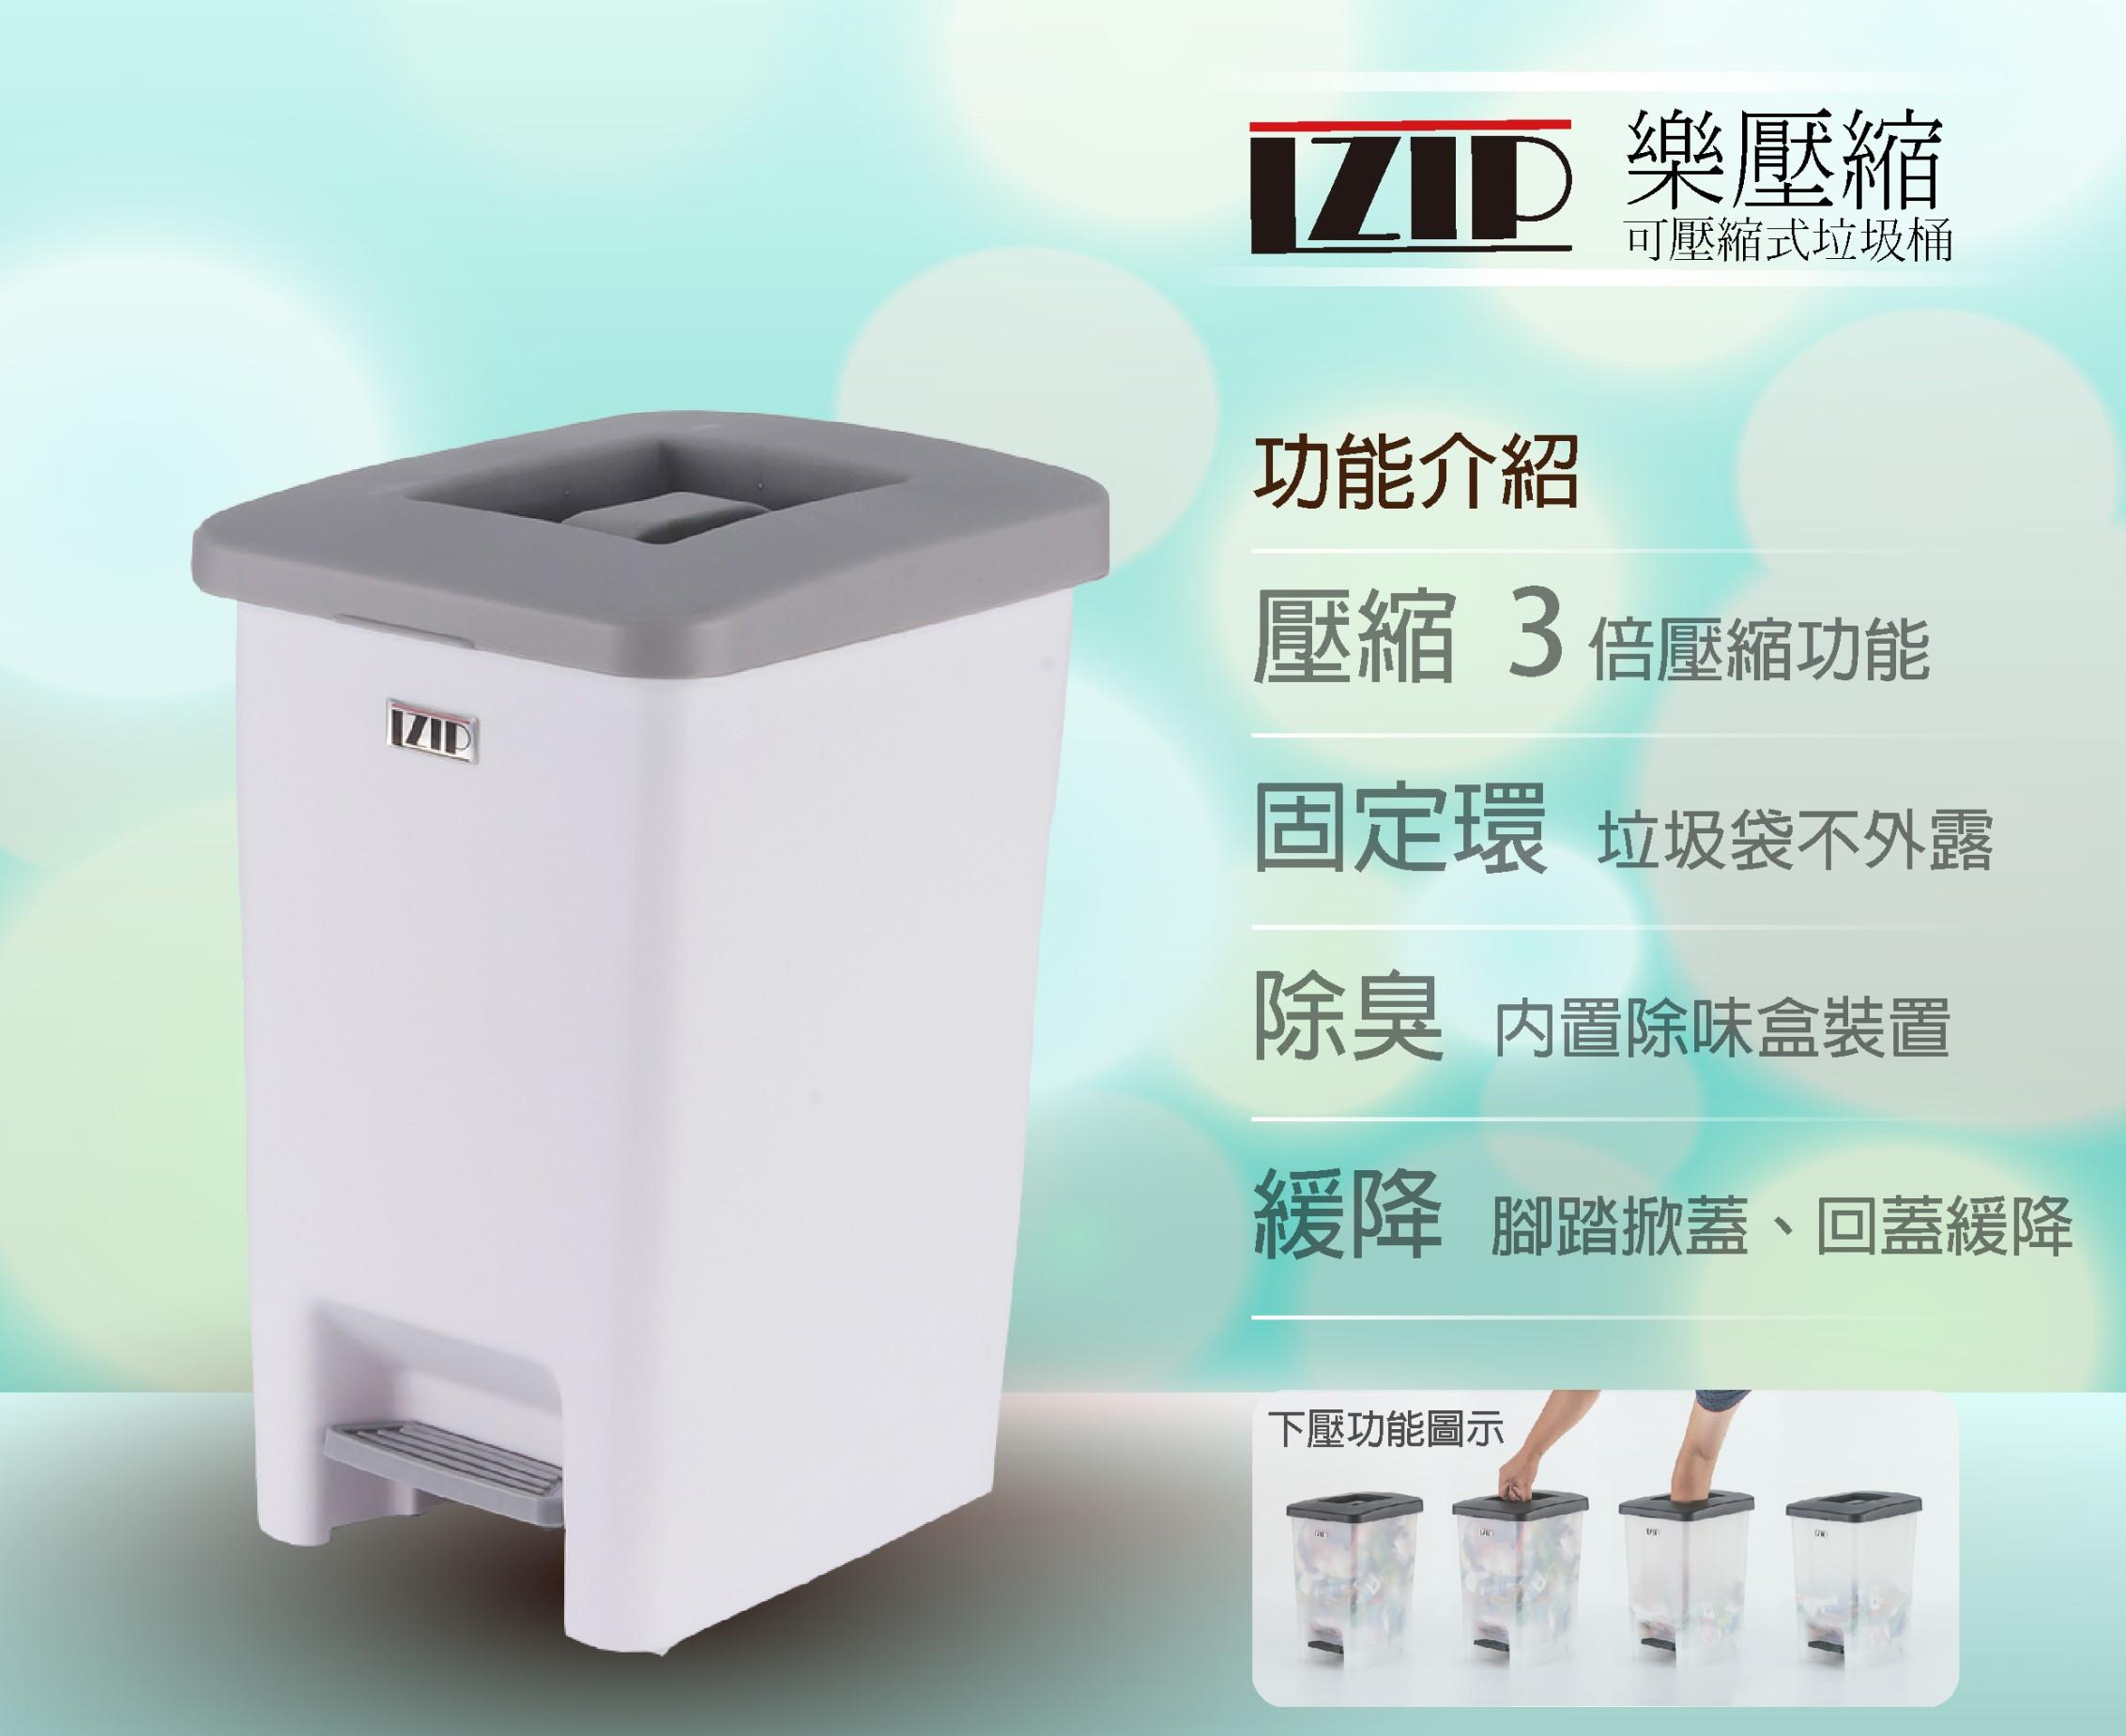 樂壓縮垃圾桶 -11L 專利壓縮 小體積 大容量- 4色可選  *宅配通免運*